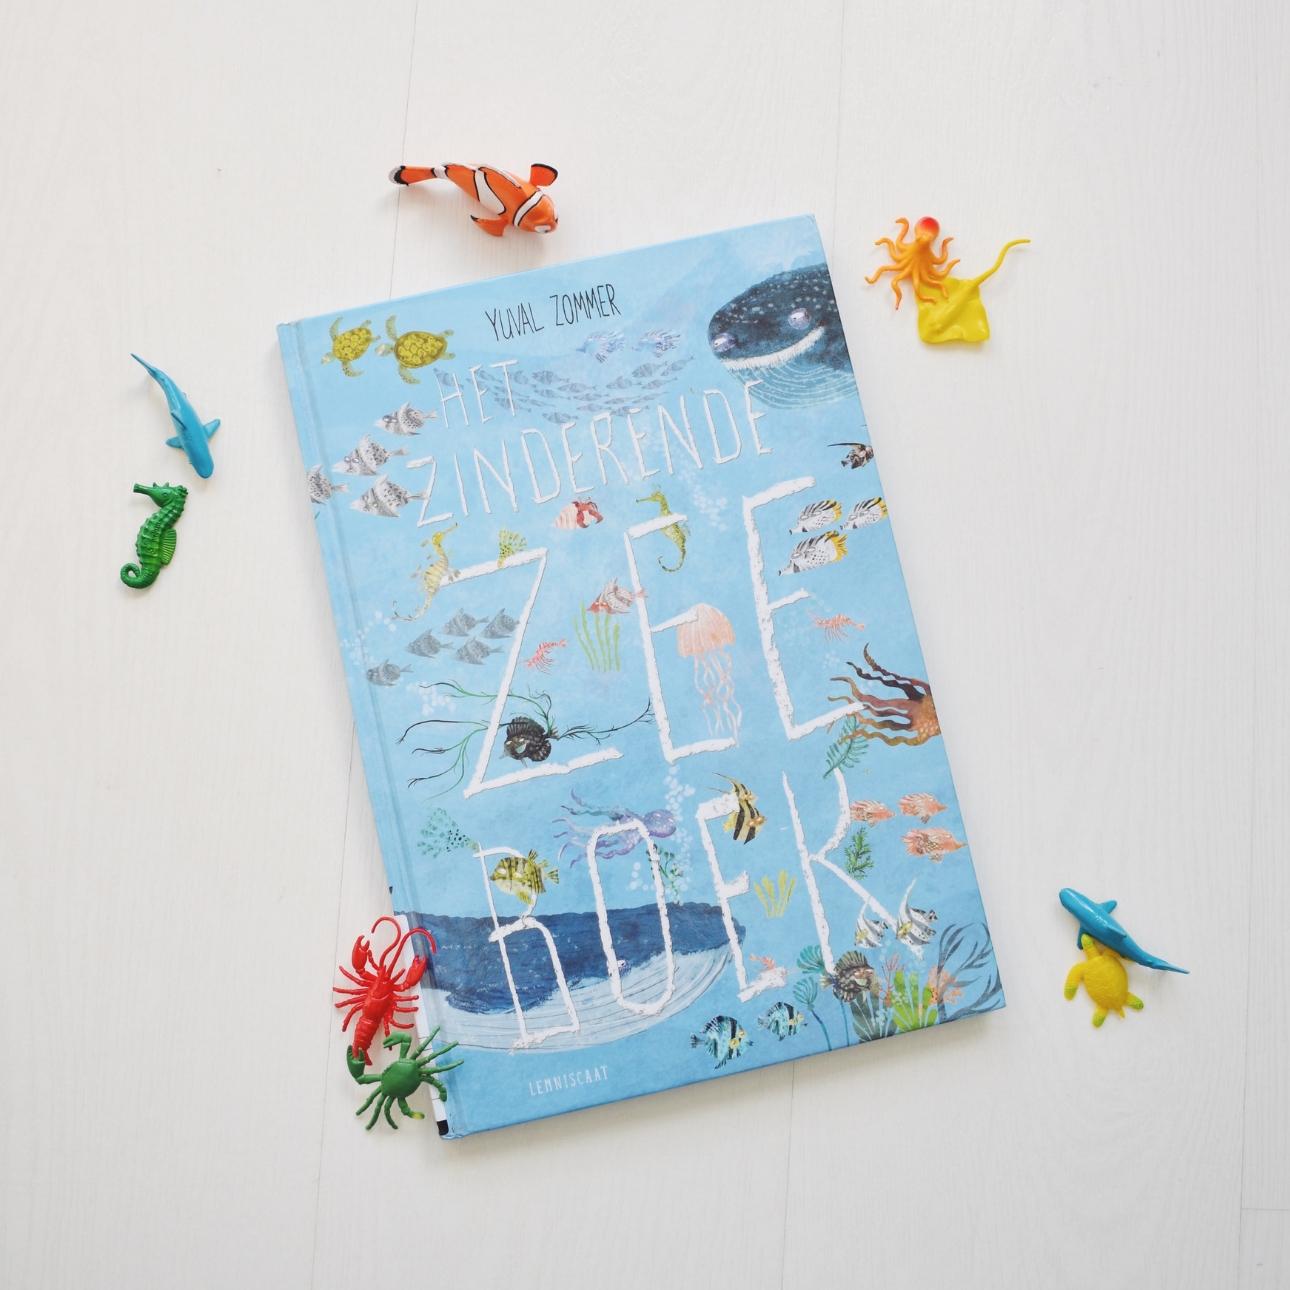 prentenboek zinderende zee boek voorleesboek